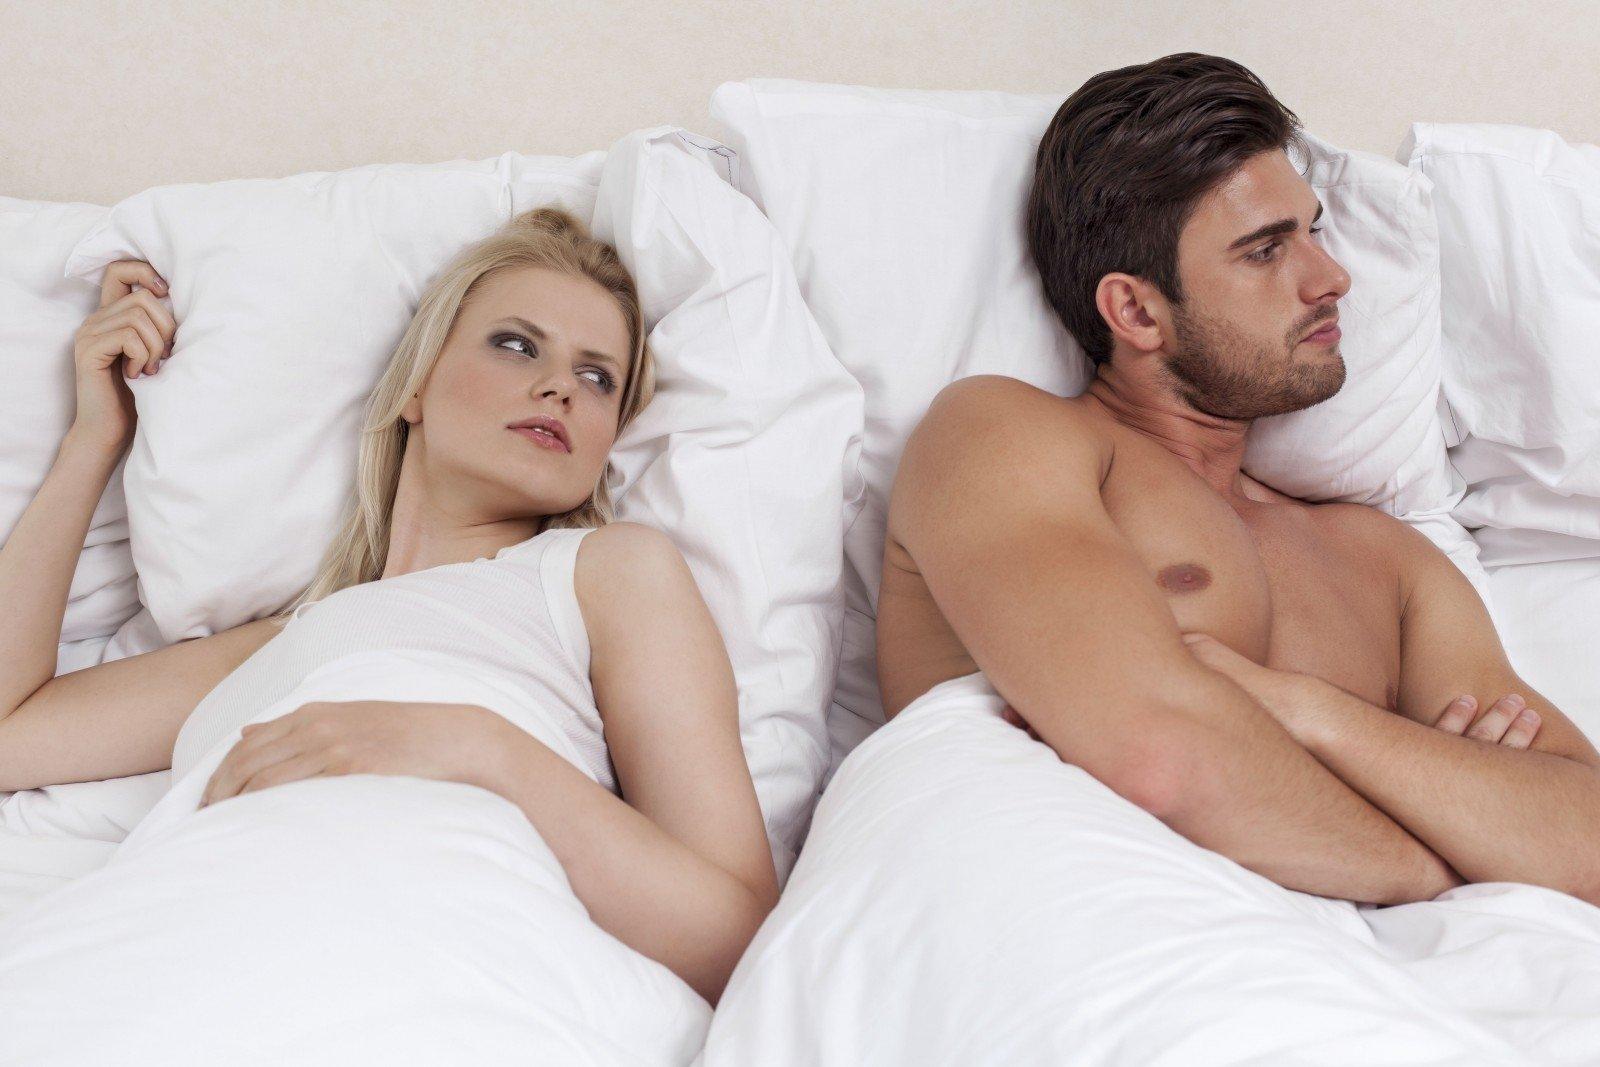 kodėl vyrams yra greita erekcija privatus vaizdo didejantys nariai